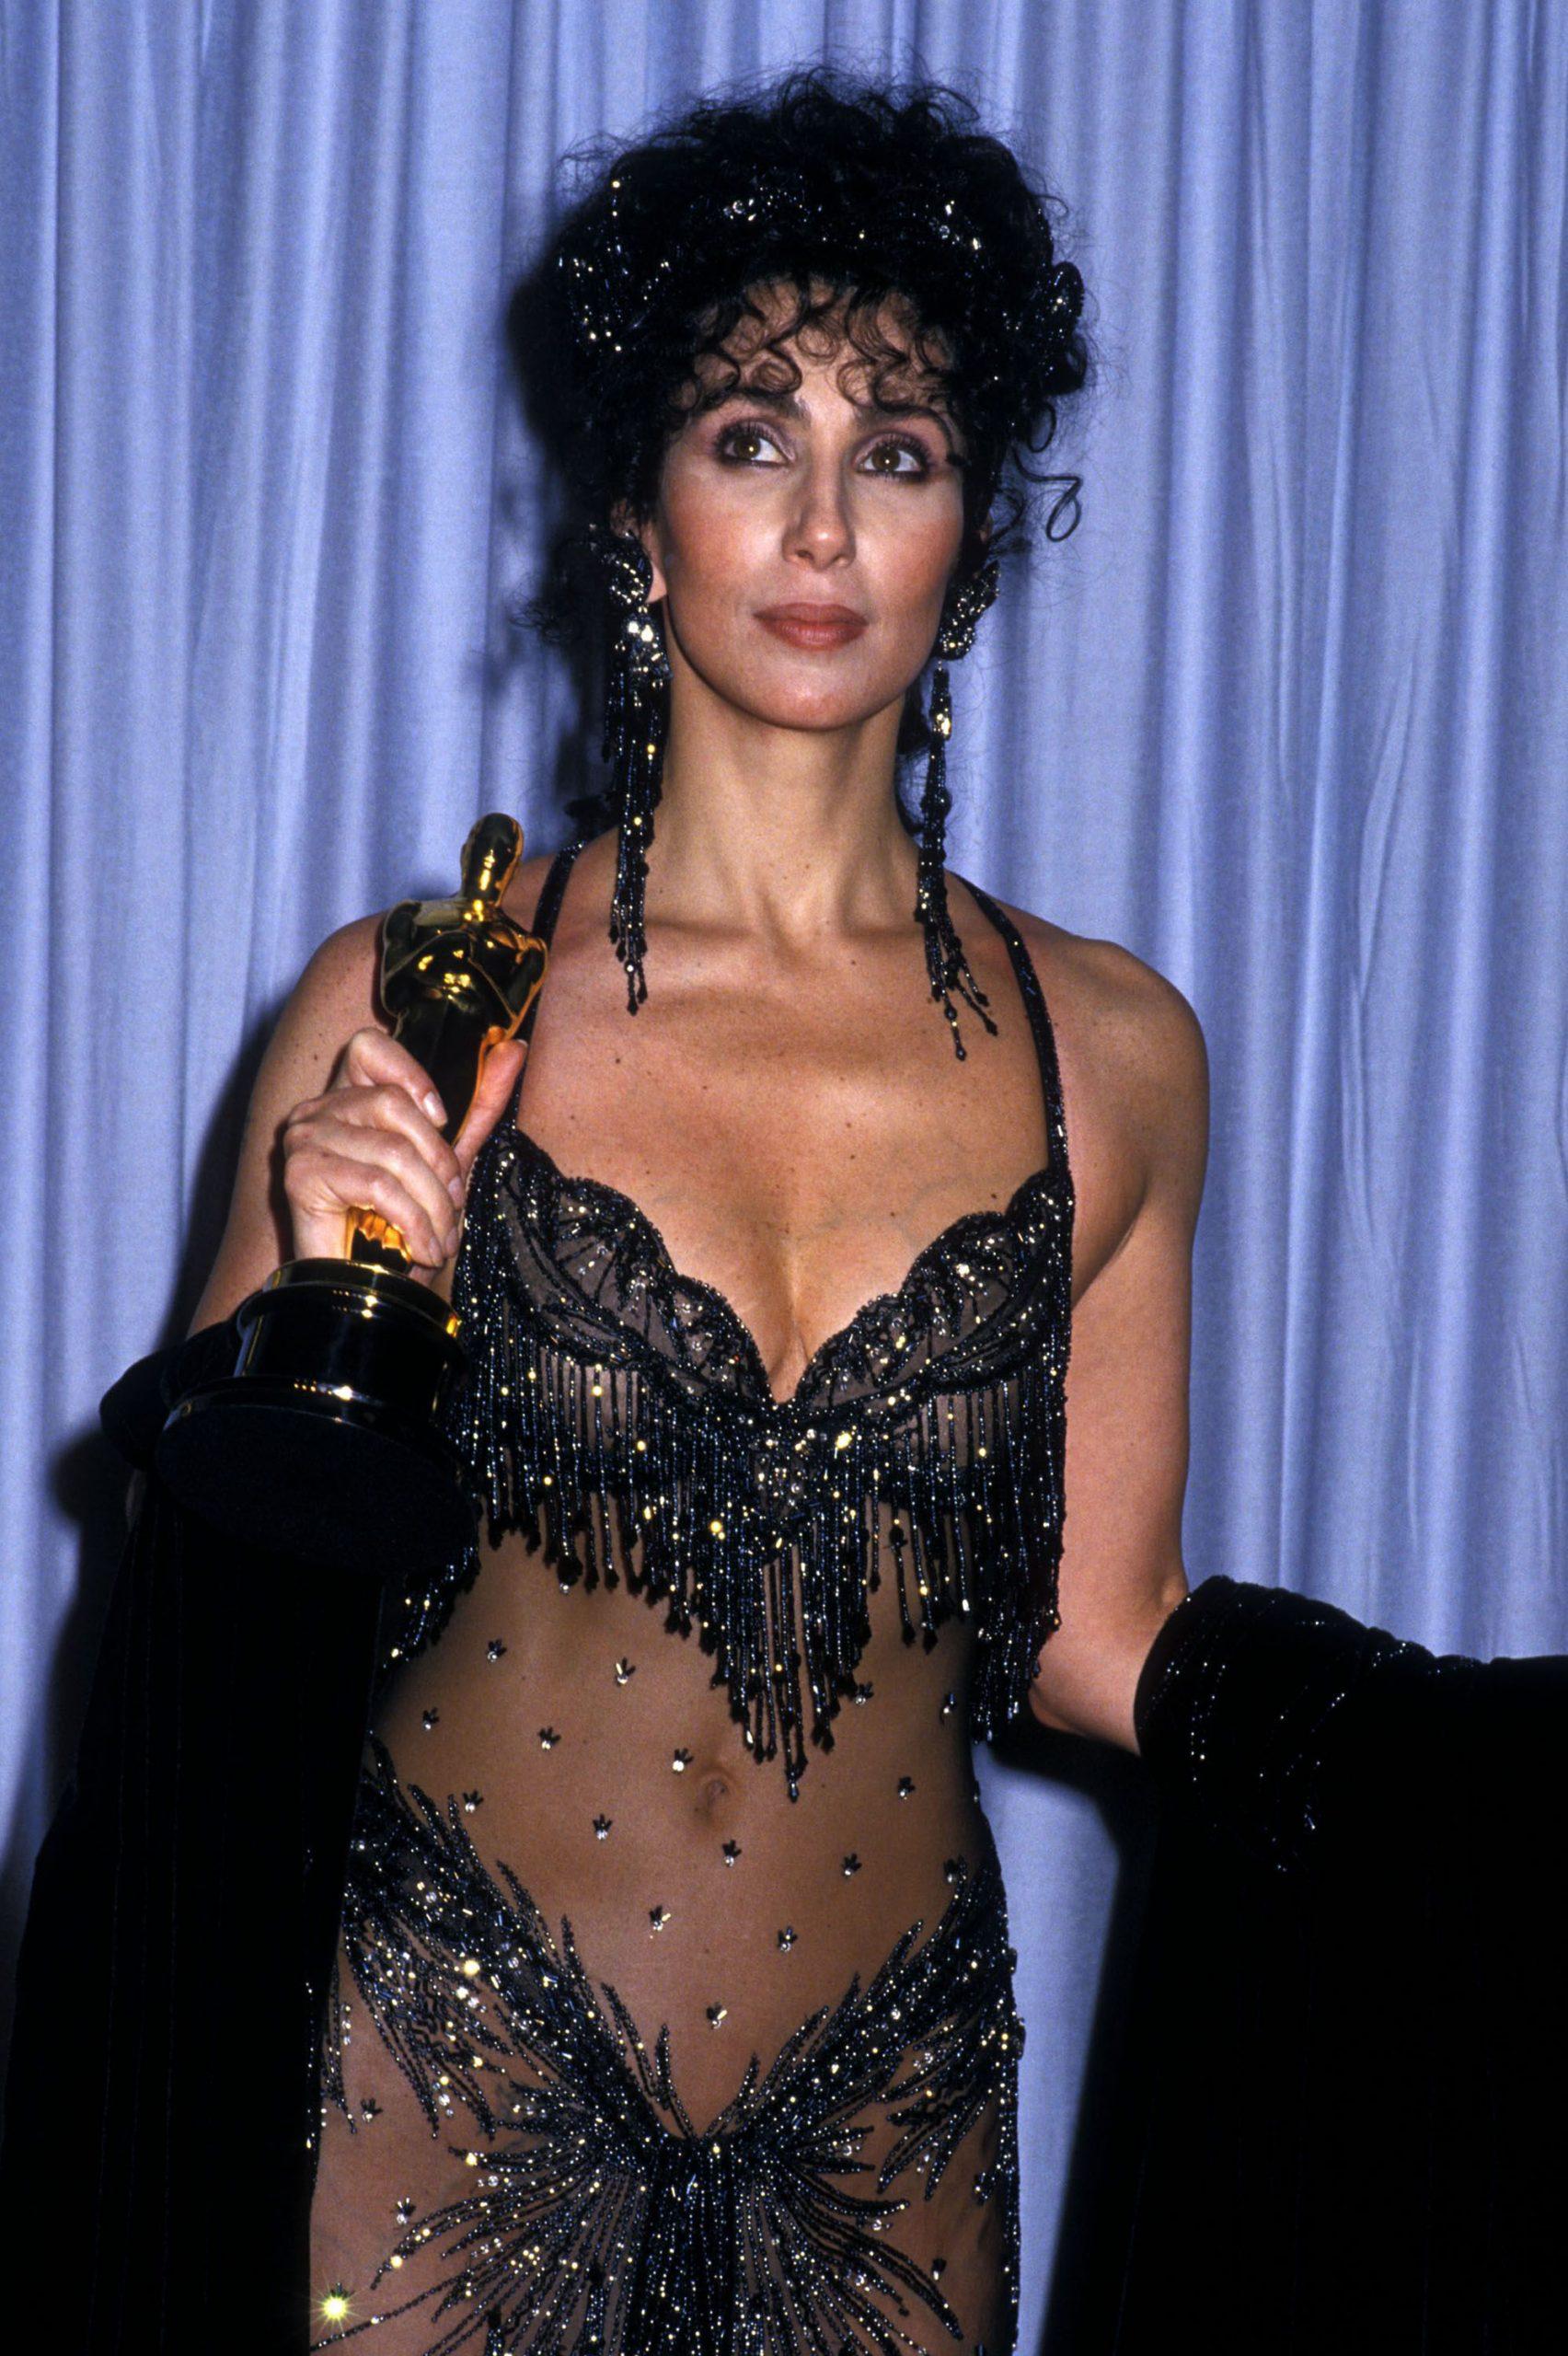 Cher naked dress oscar - Neomag.